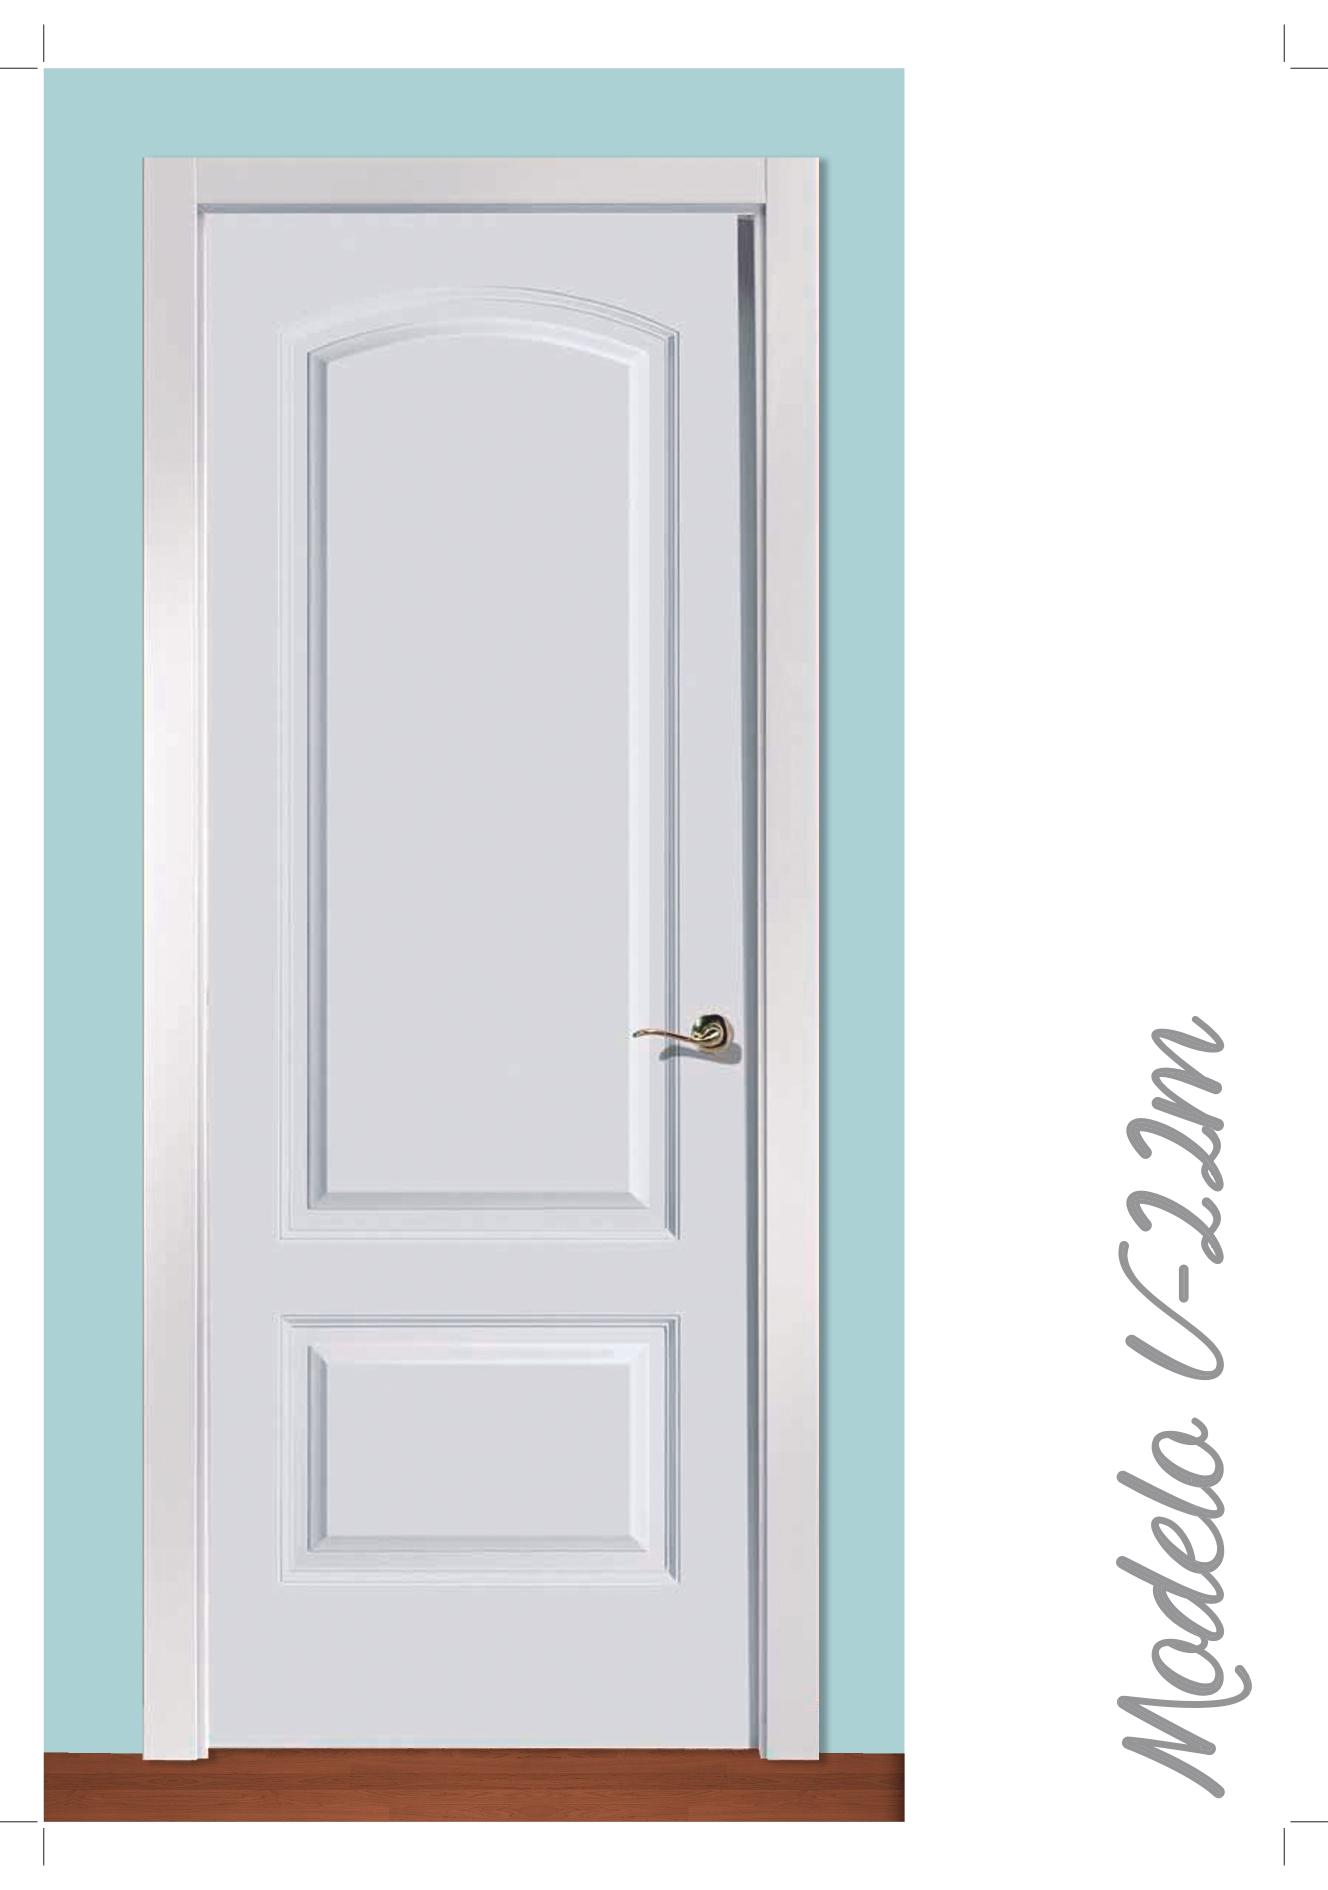 Puerta MODELO UM modelo 22m